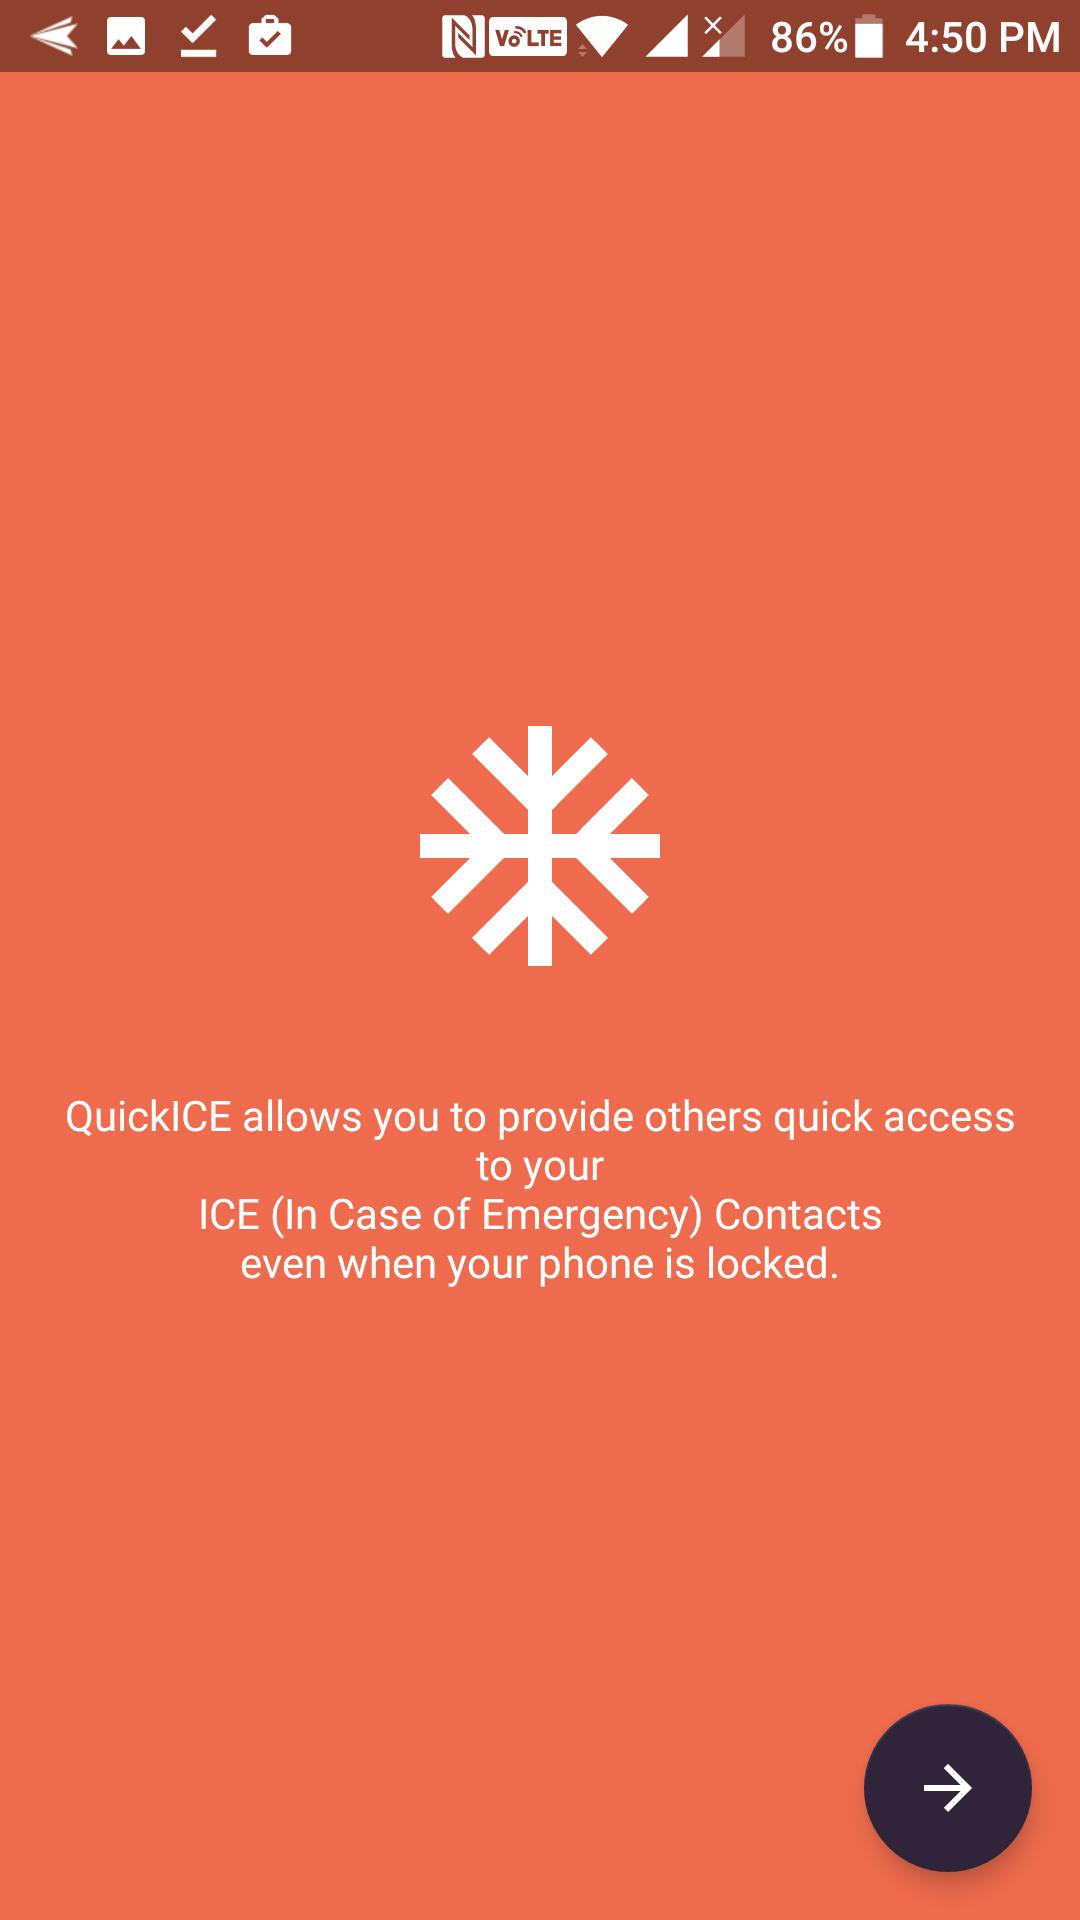 quickice-forward